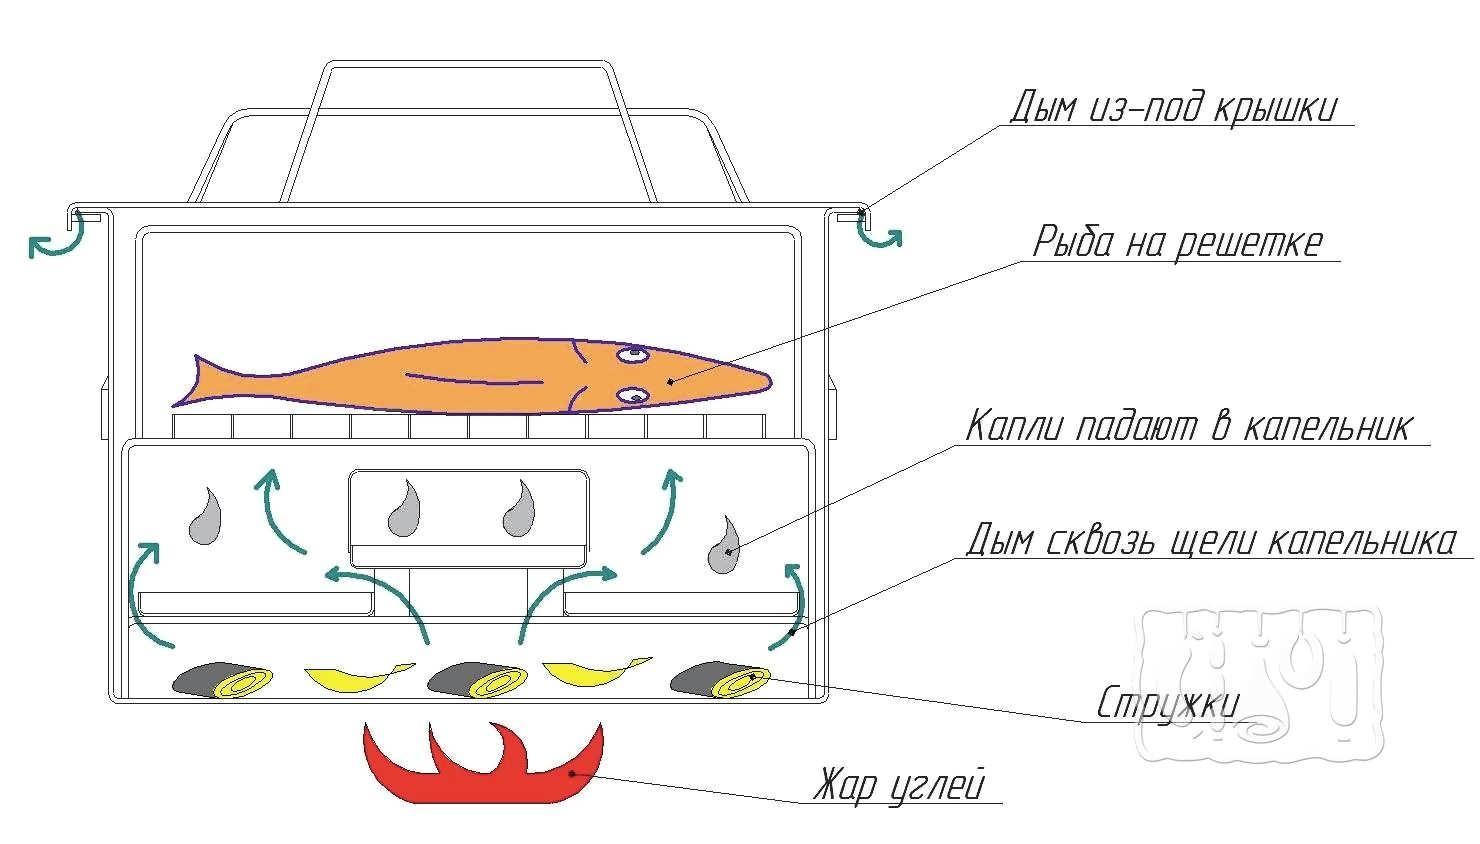 Коптильни горячего копчения: принцип работы, рейтинг лучших моделей + советы по выбору